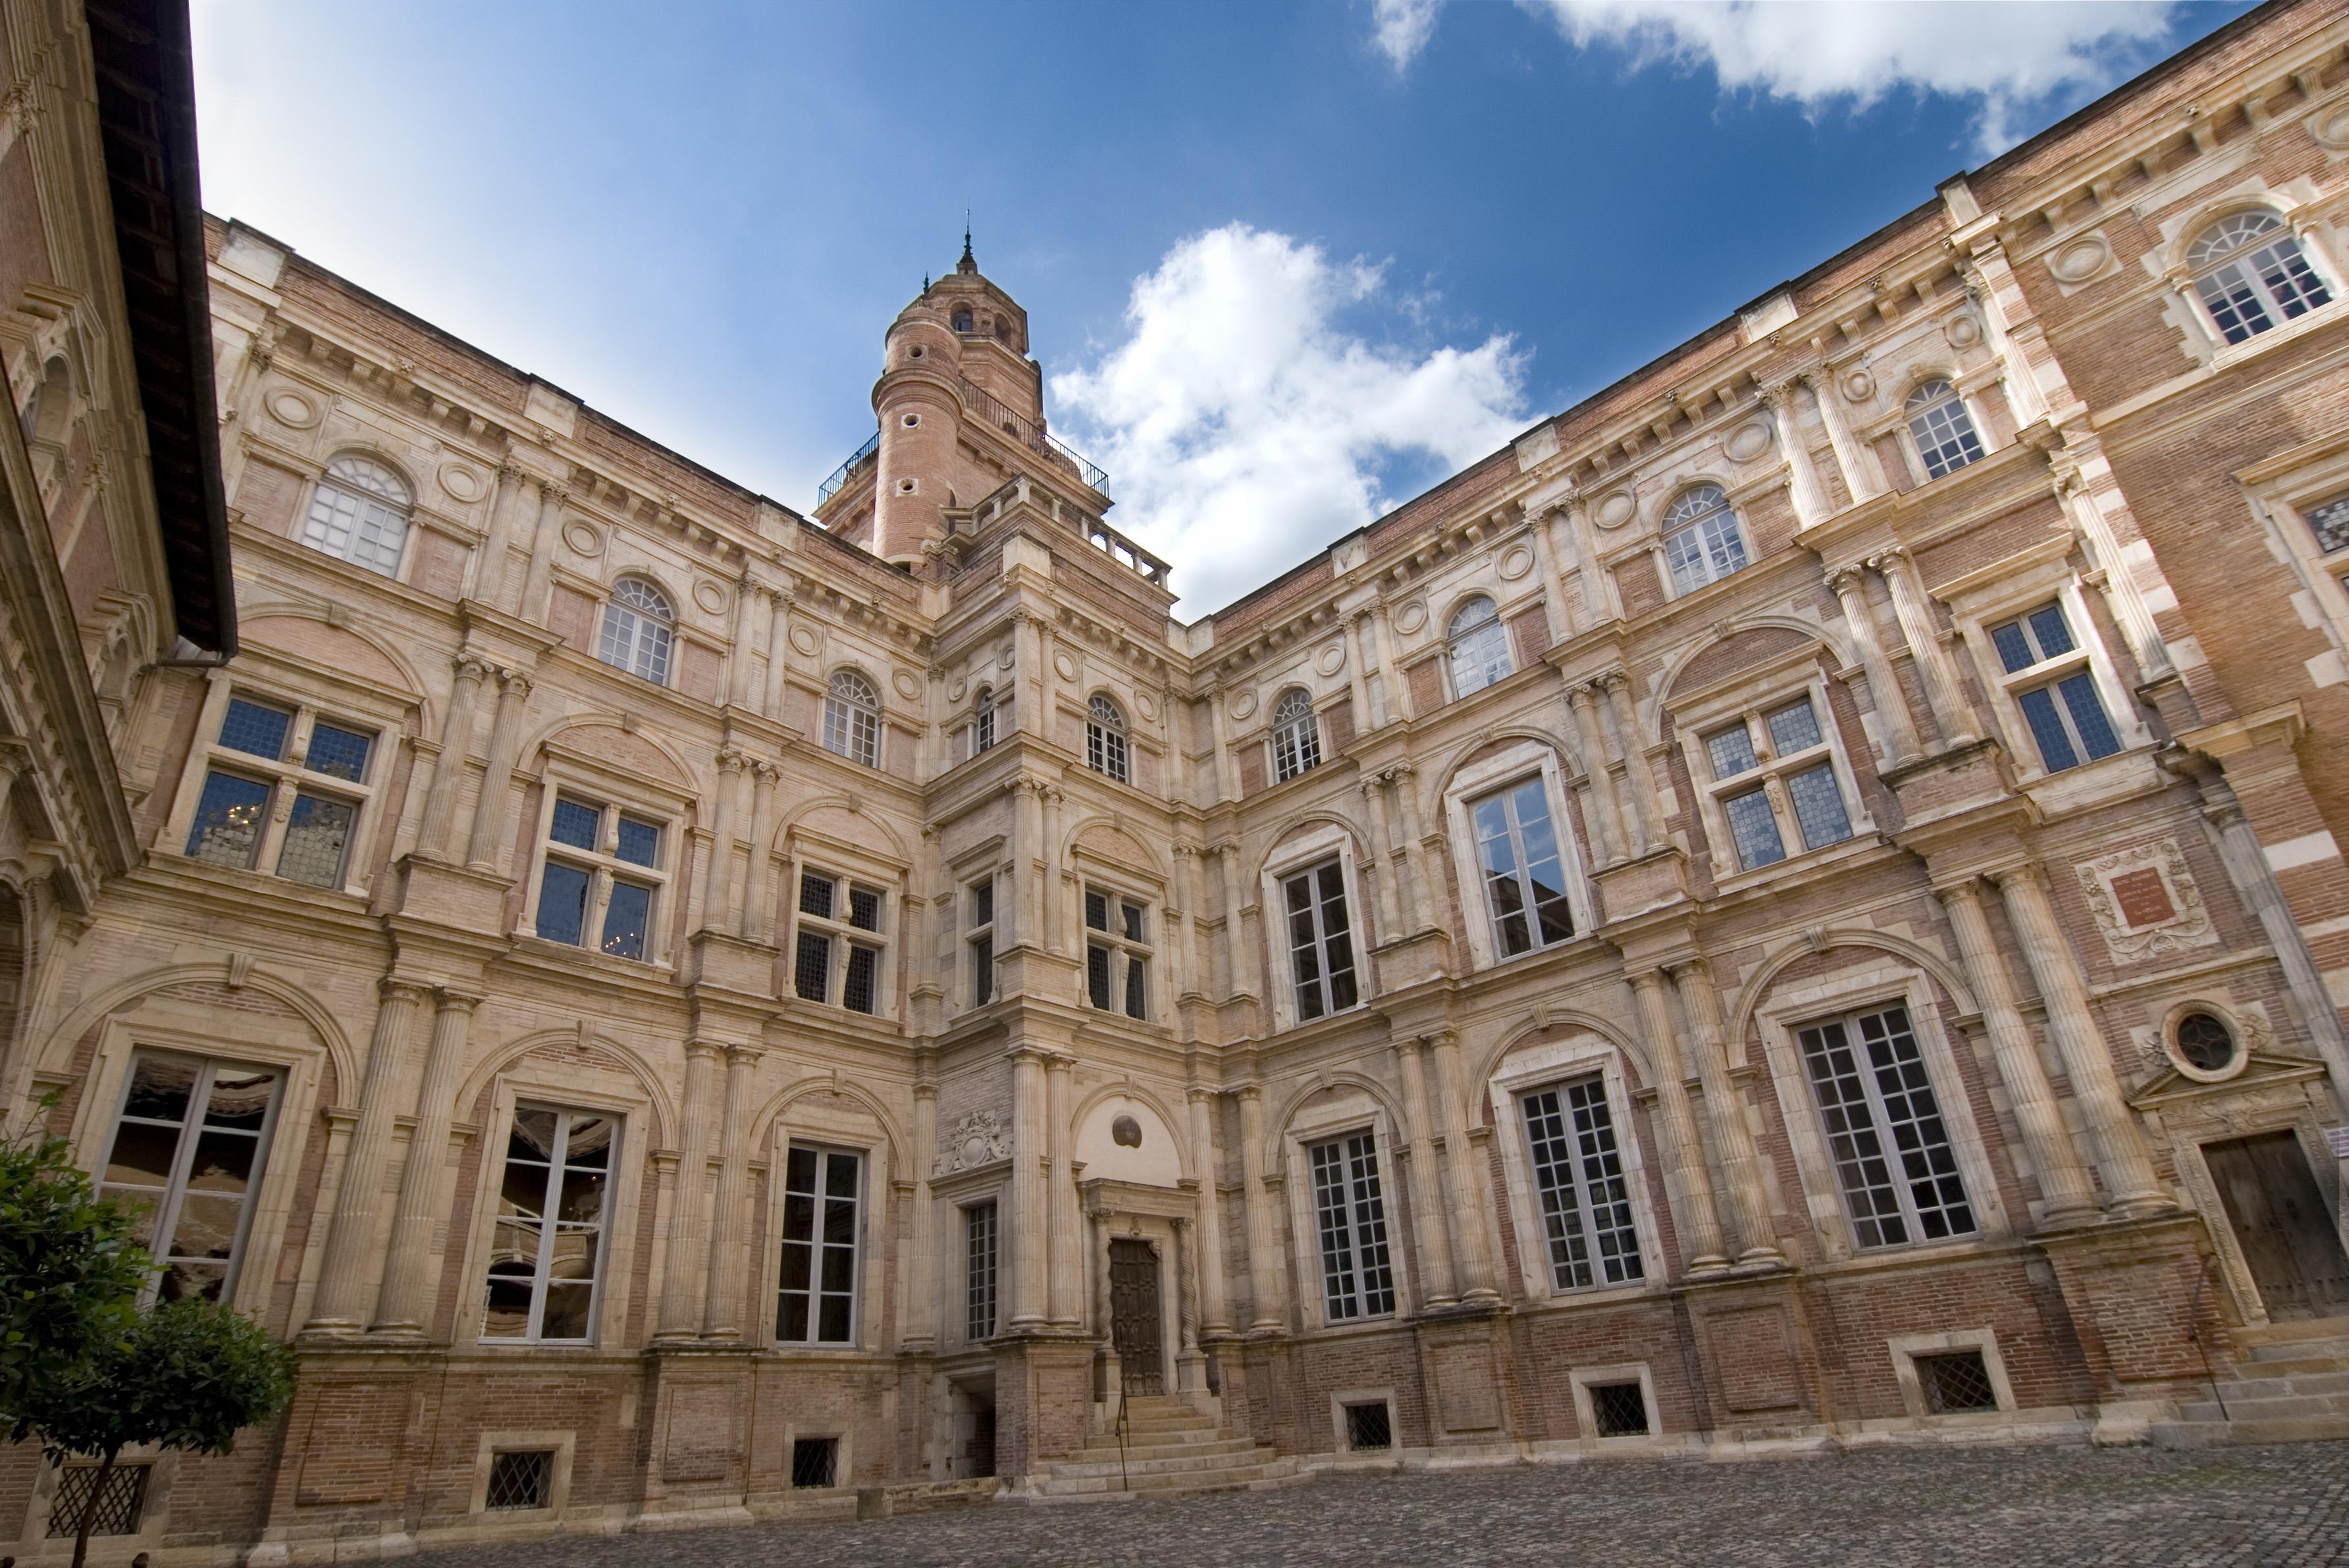 Archivo:Hôtel d'Assézat, toulouse (single shot).jpg - Wikipedia ...